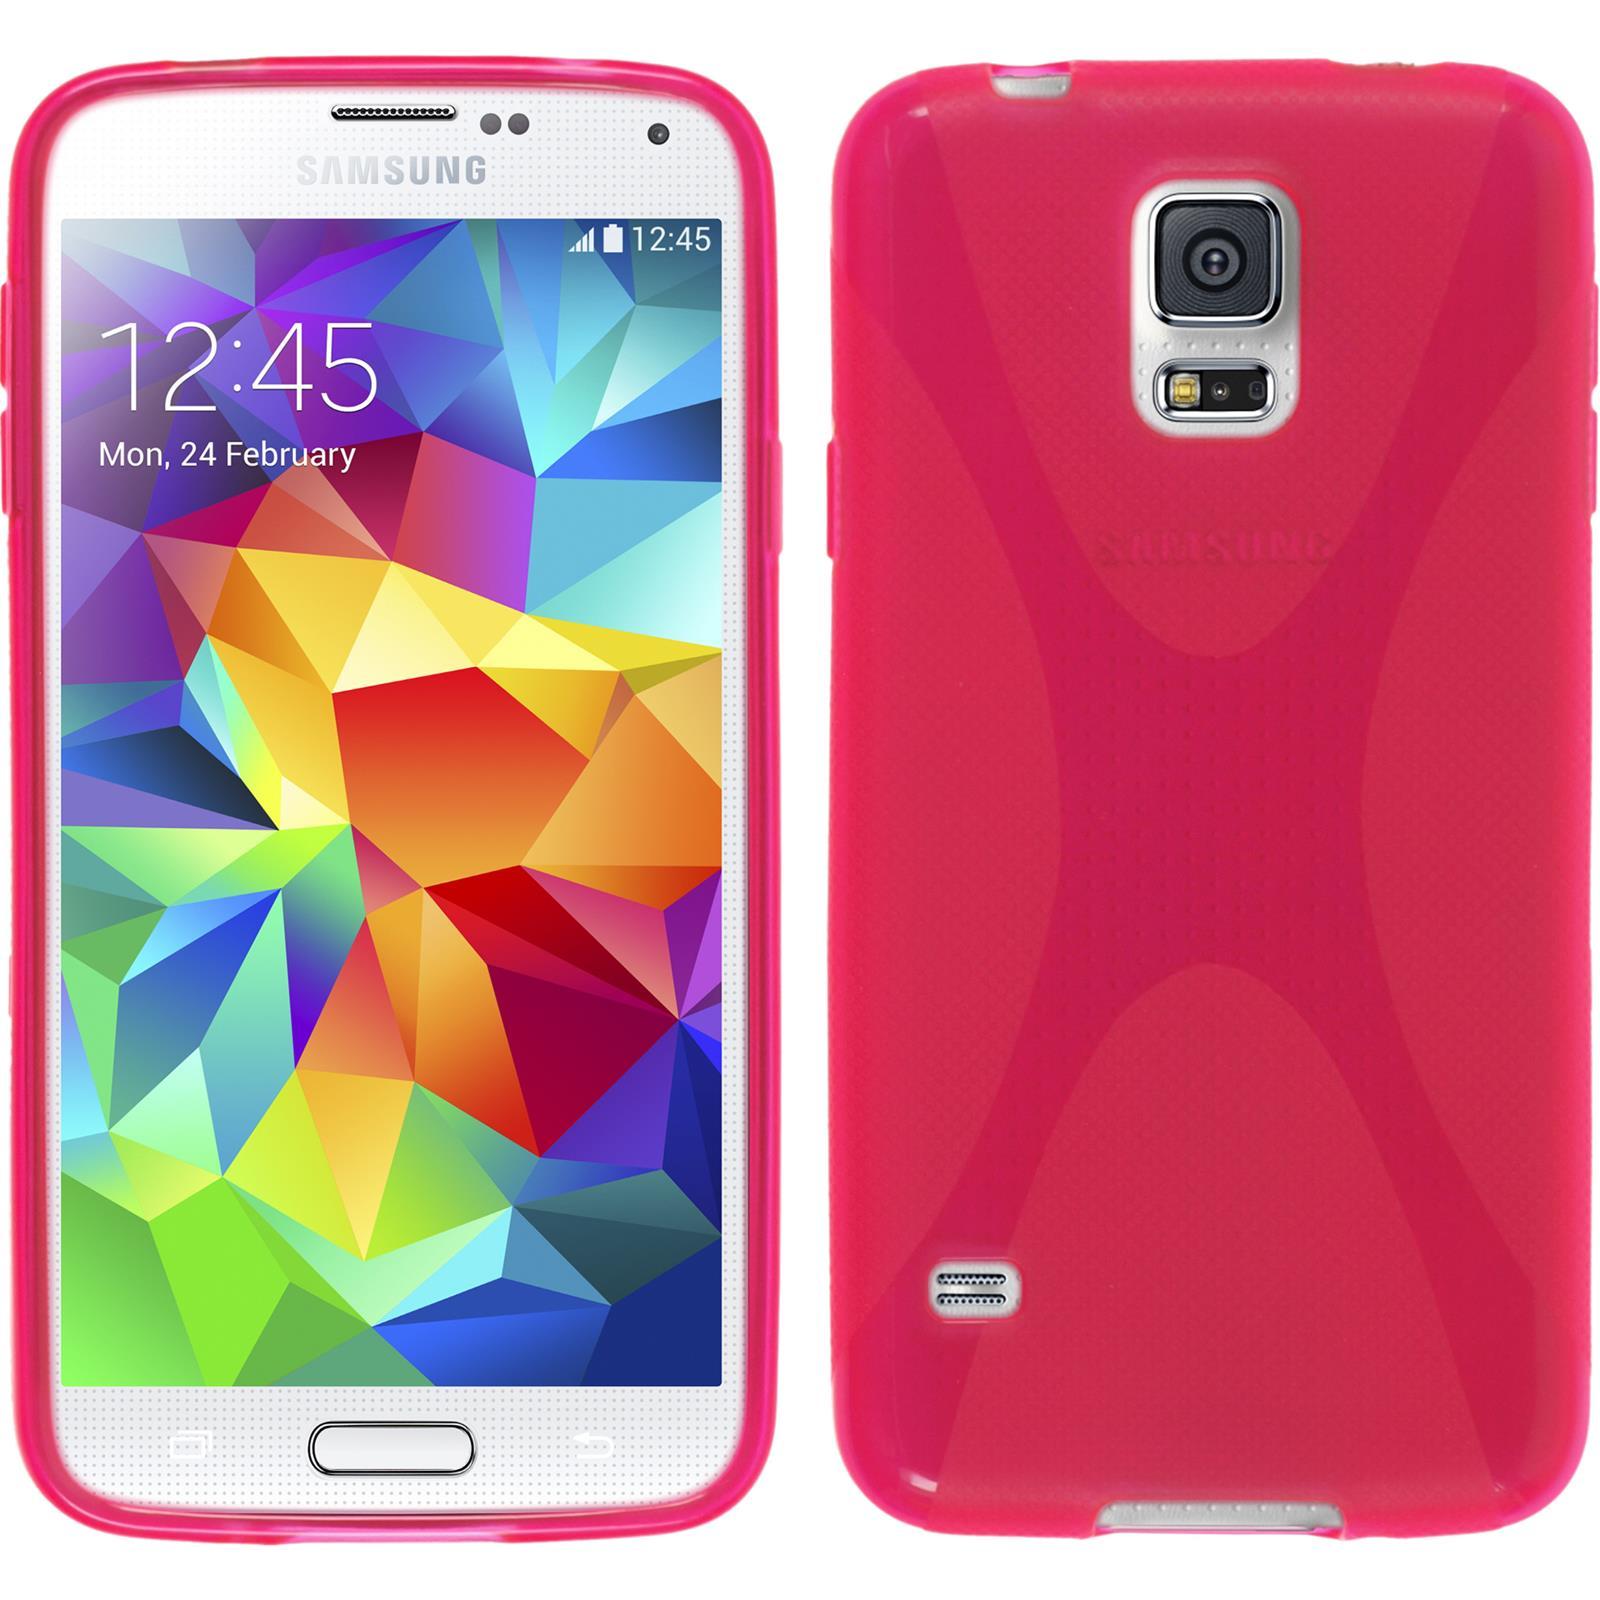 Custodia-in-Silicone-Samsung-Galaxy-S5-mini-X-Style